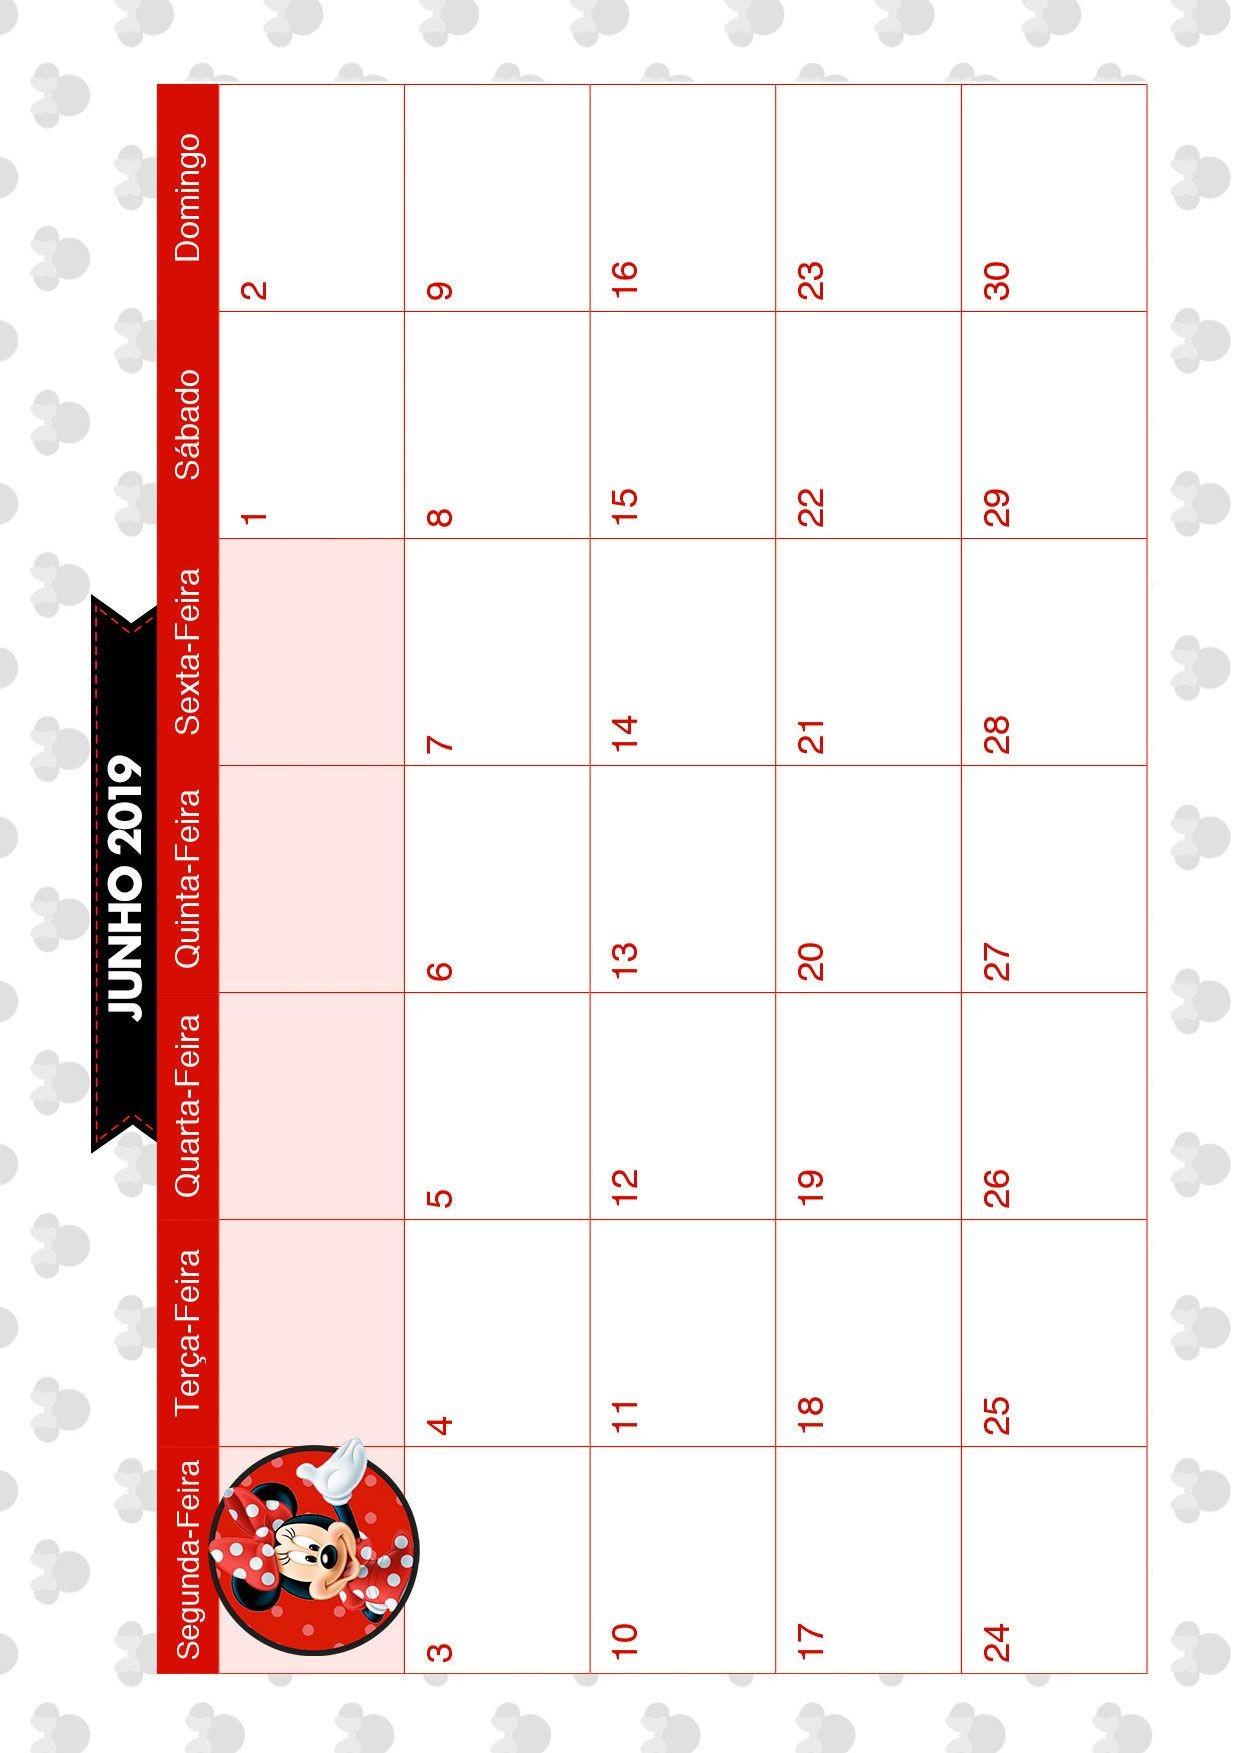 Calendario 2019 Com Feriados Es Más Populares Inserts Folhas Para Planner Pdf Janeiro 2019 Cactos Calendrio Of Calendario 2019 Com Feriados Es Más Populares Observar Calendario Con Feriados De Argentina 2019